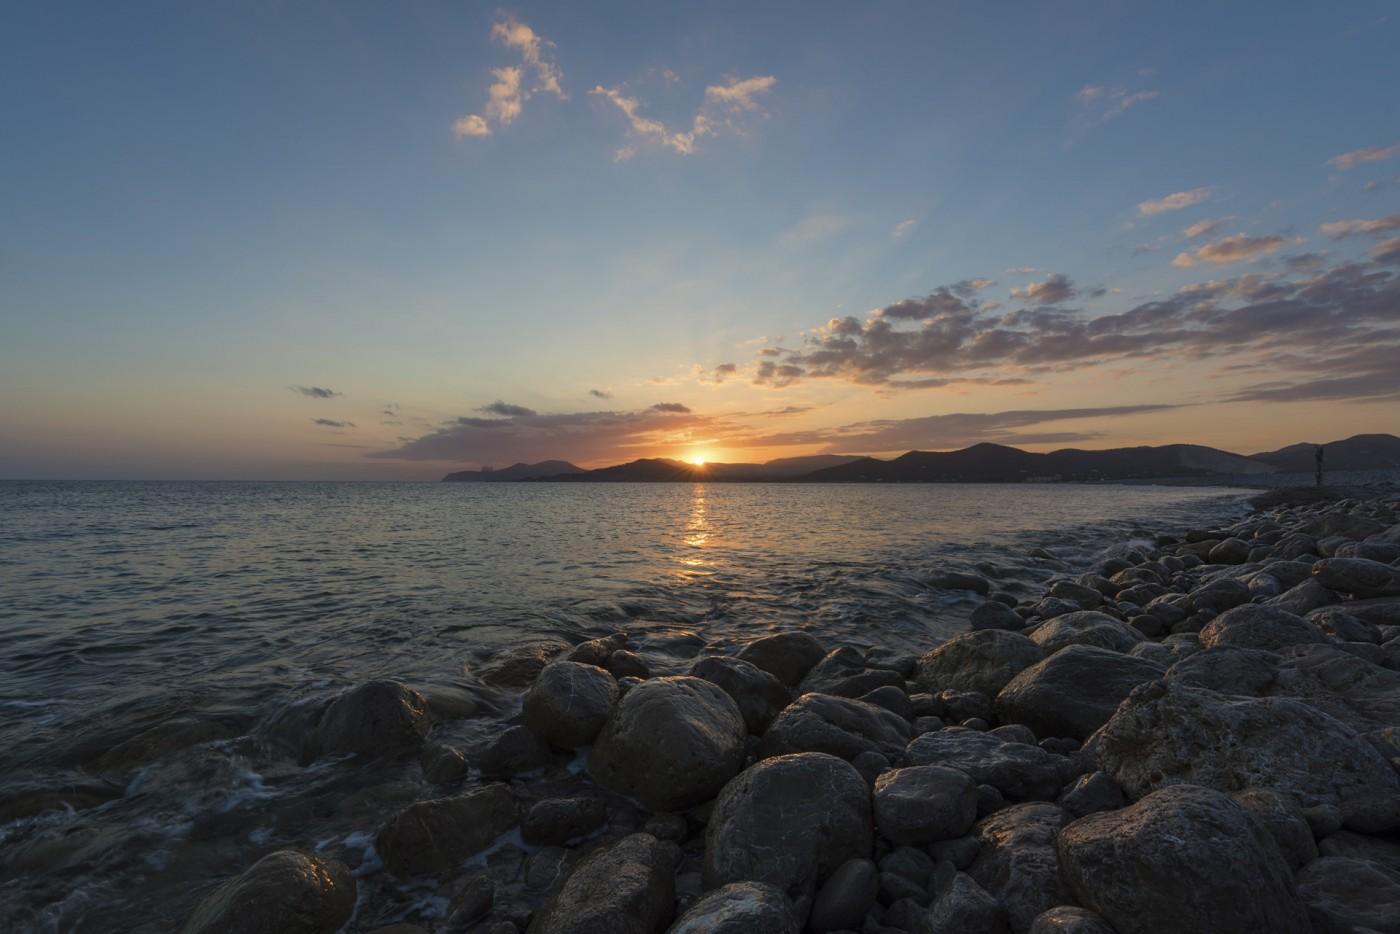 Balear sunset